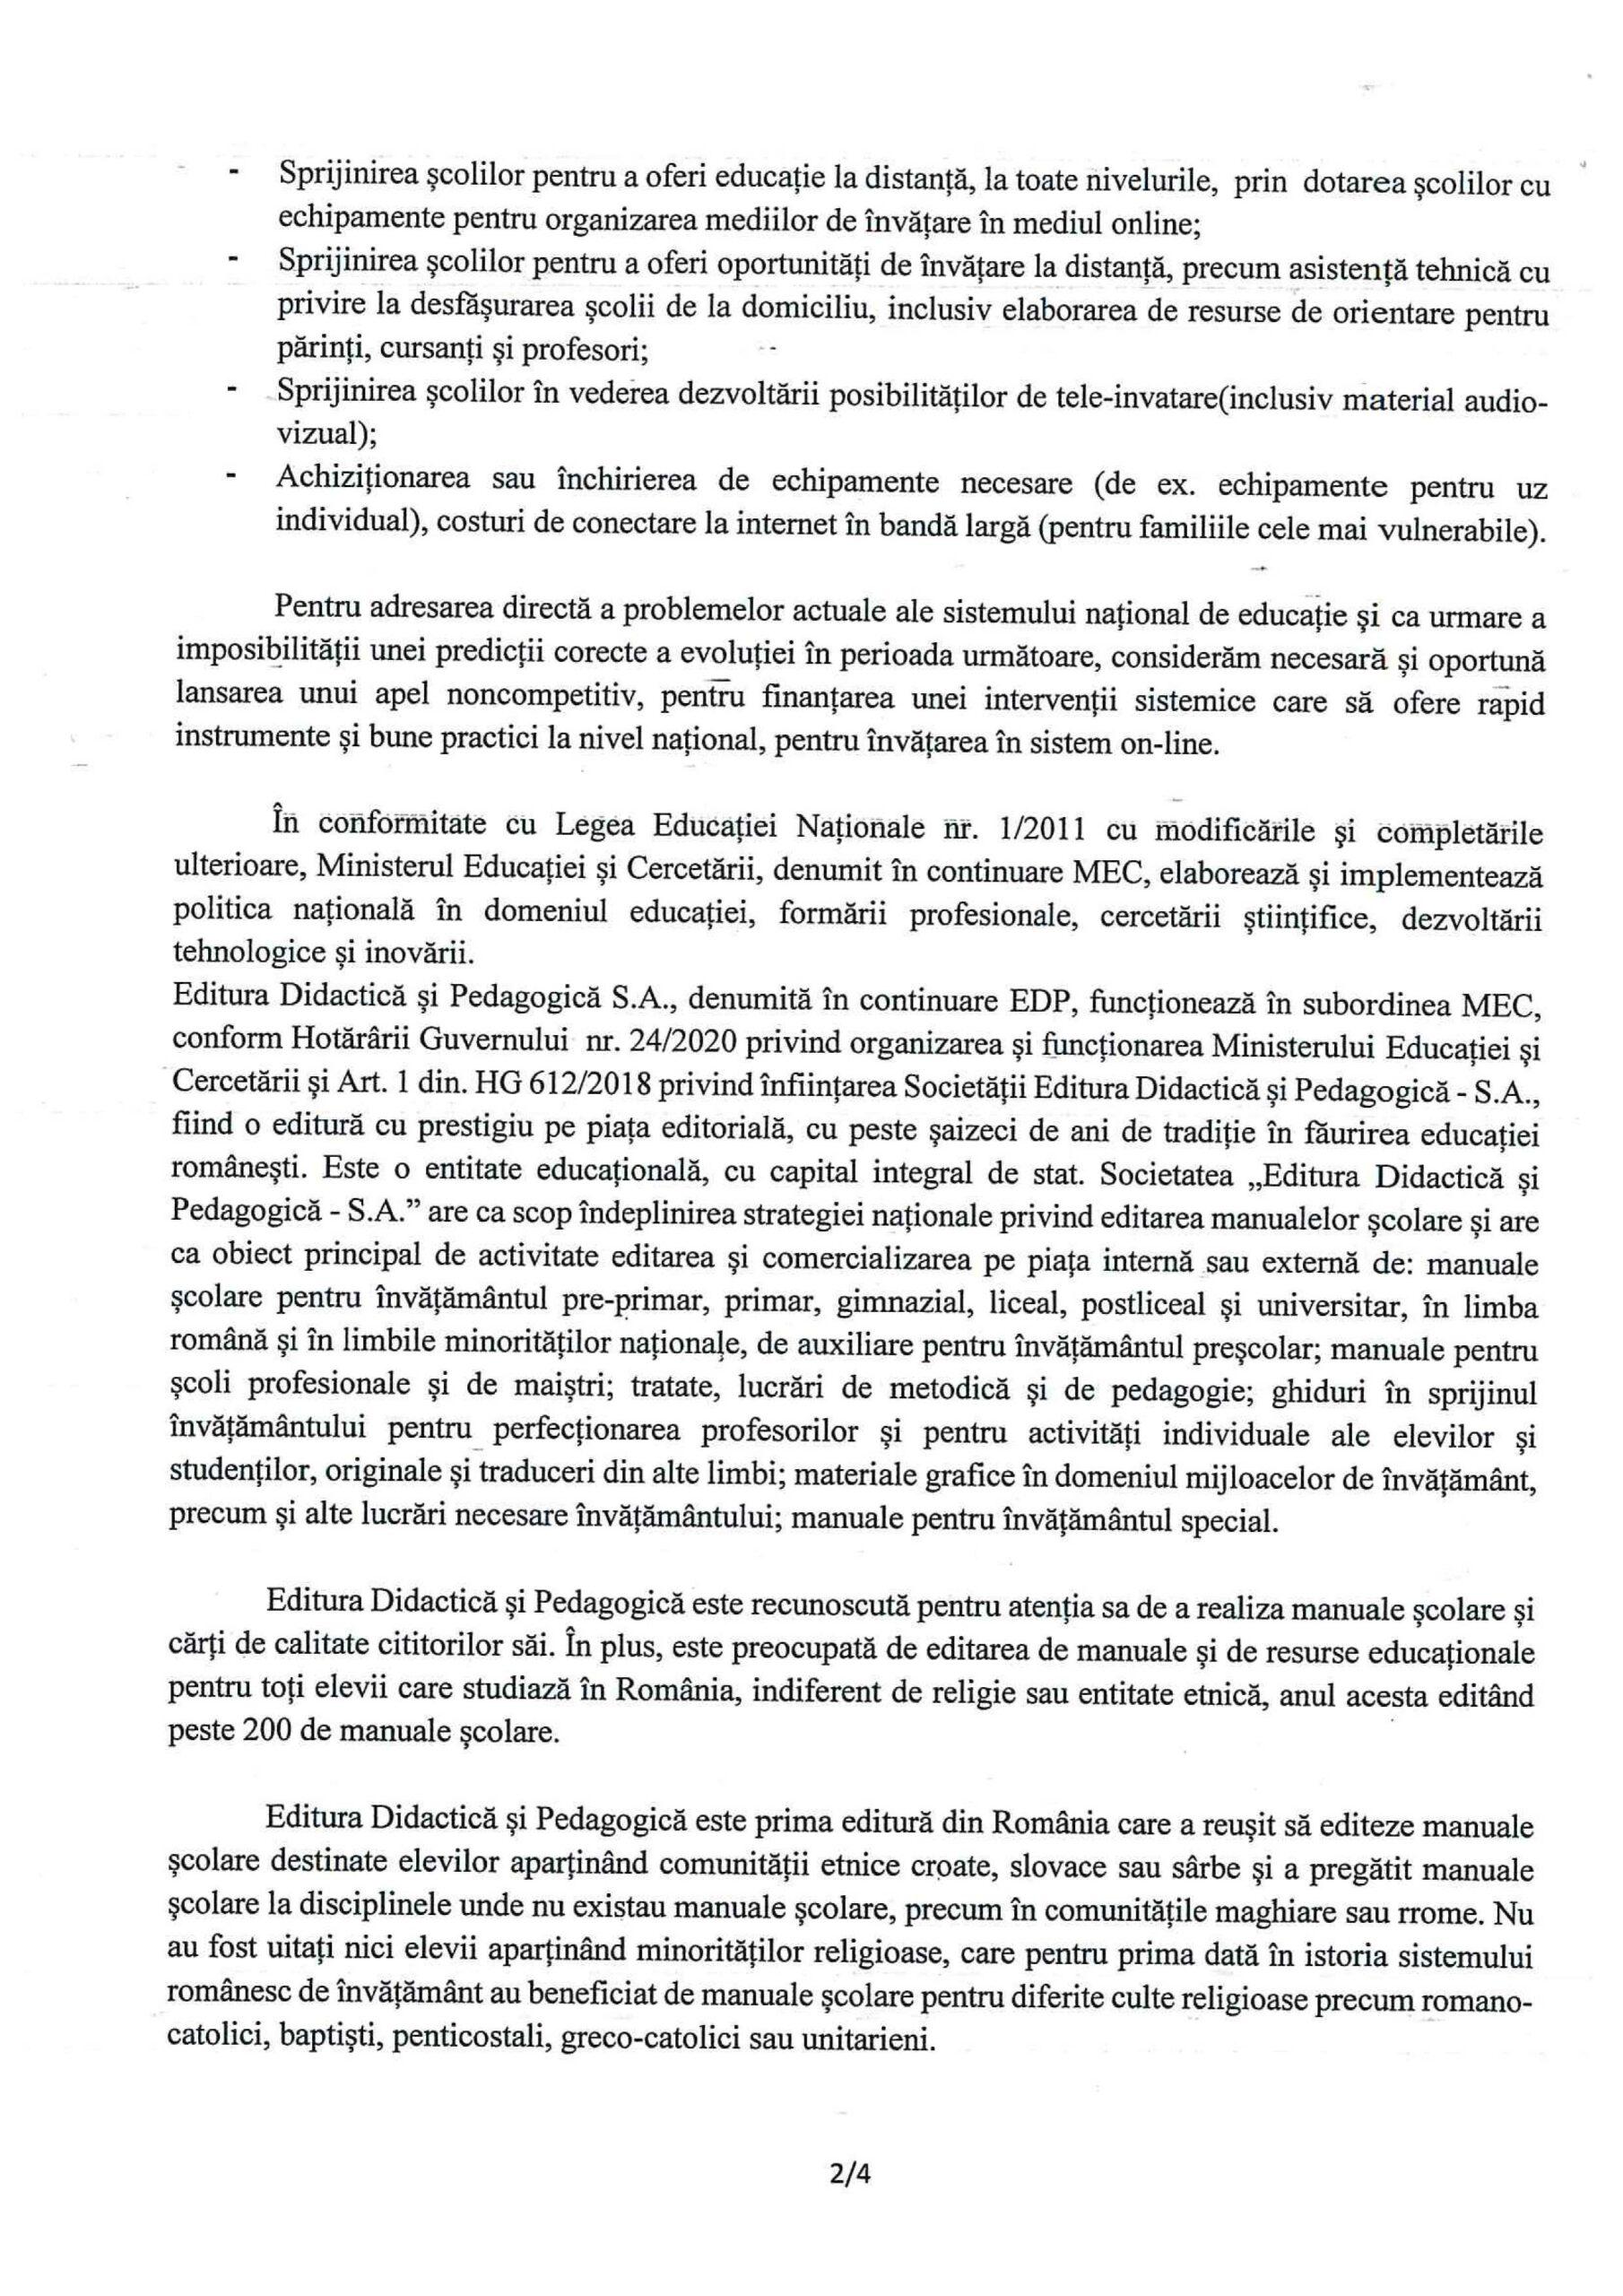 Memorandum-Ministerul-Educatiei-2